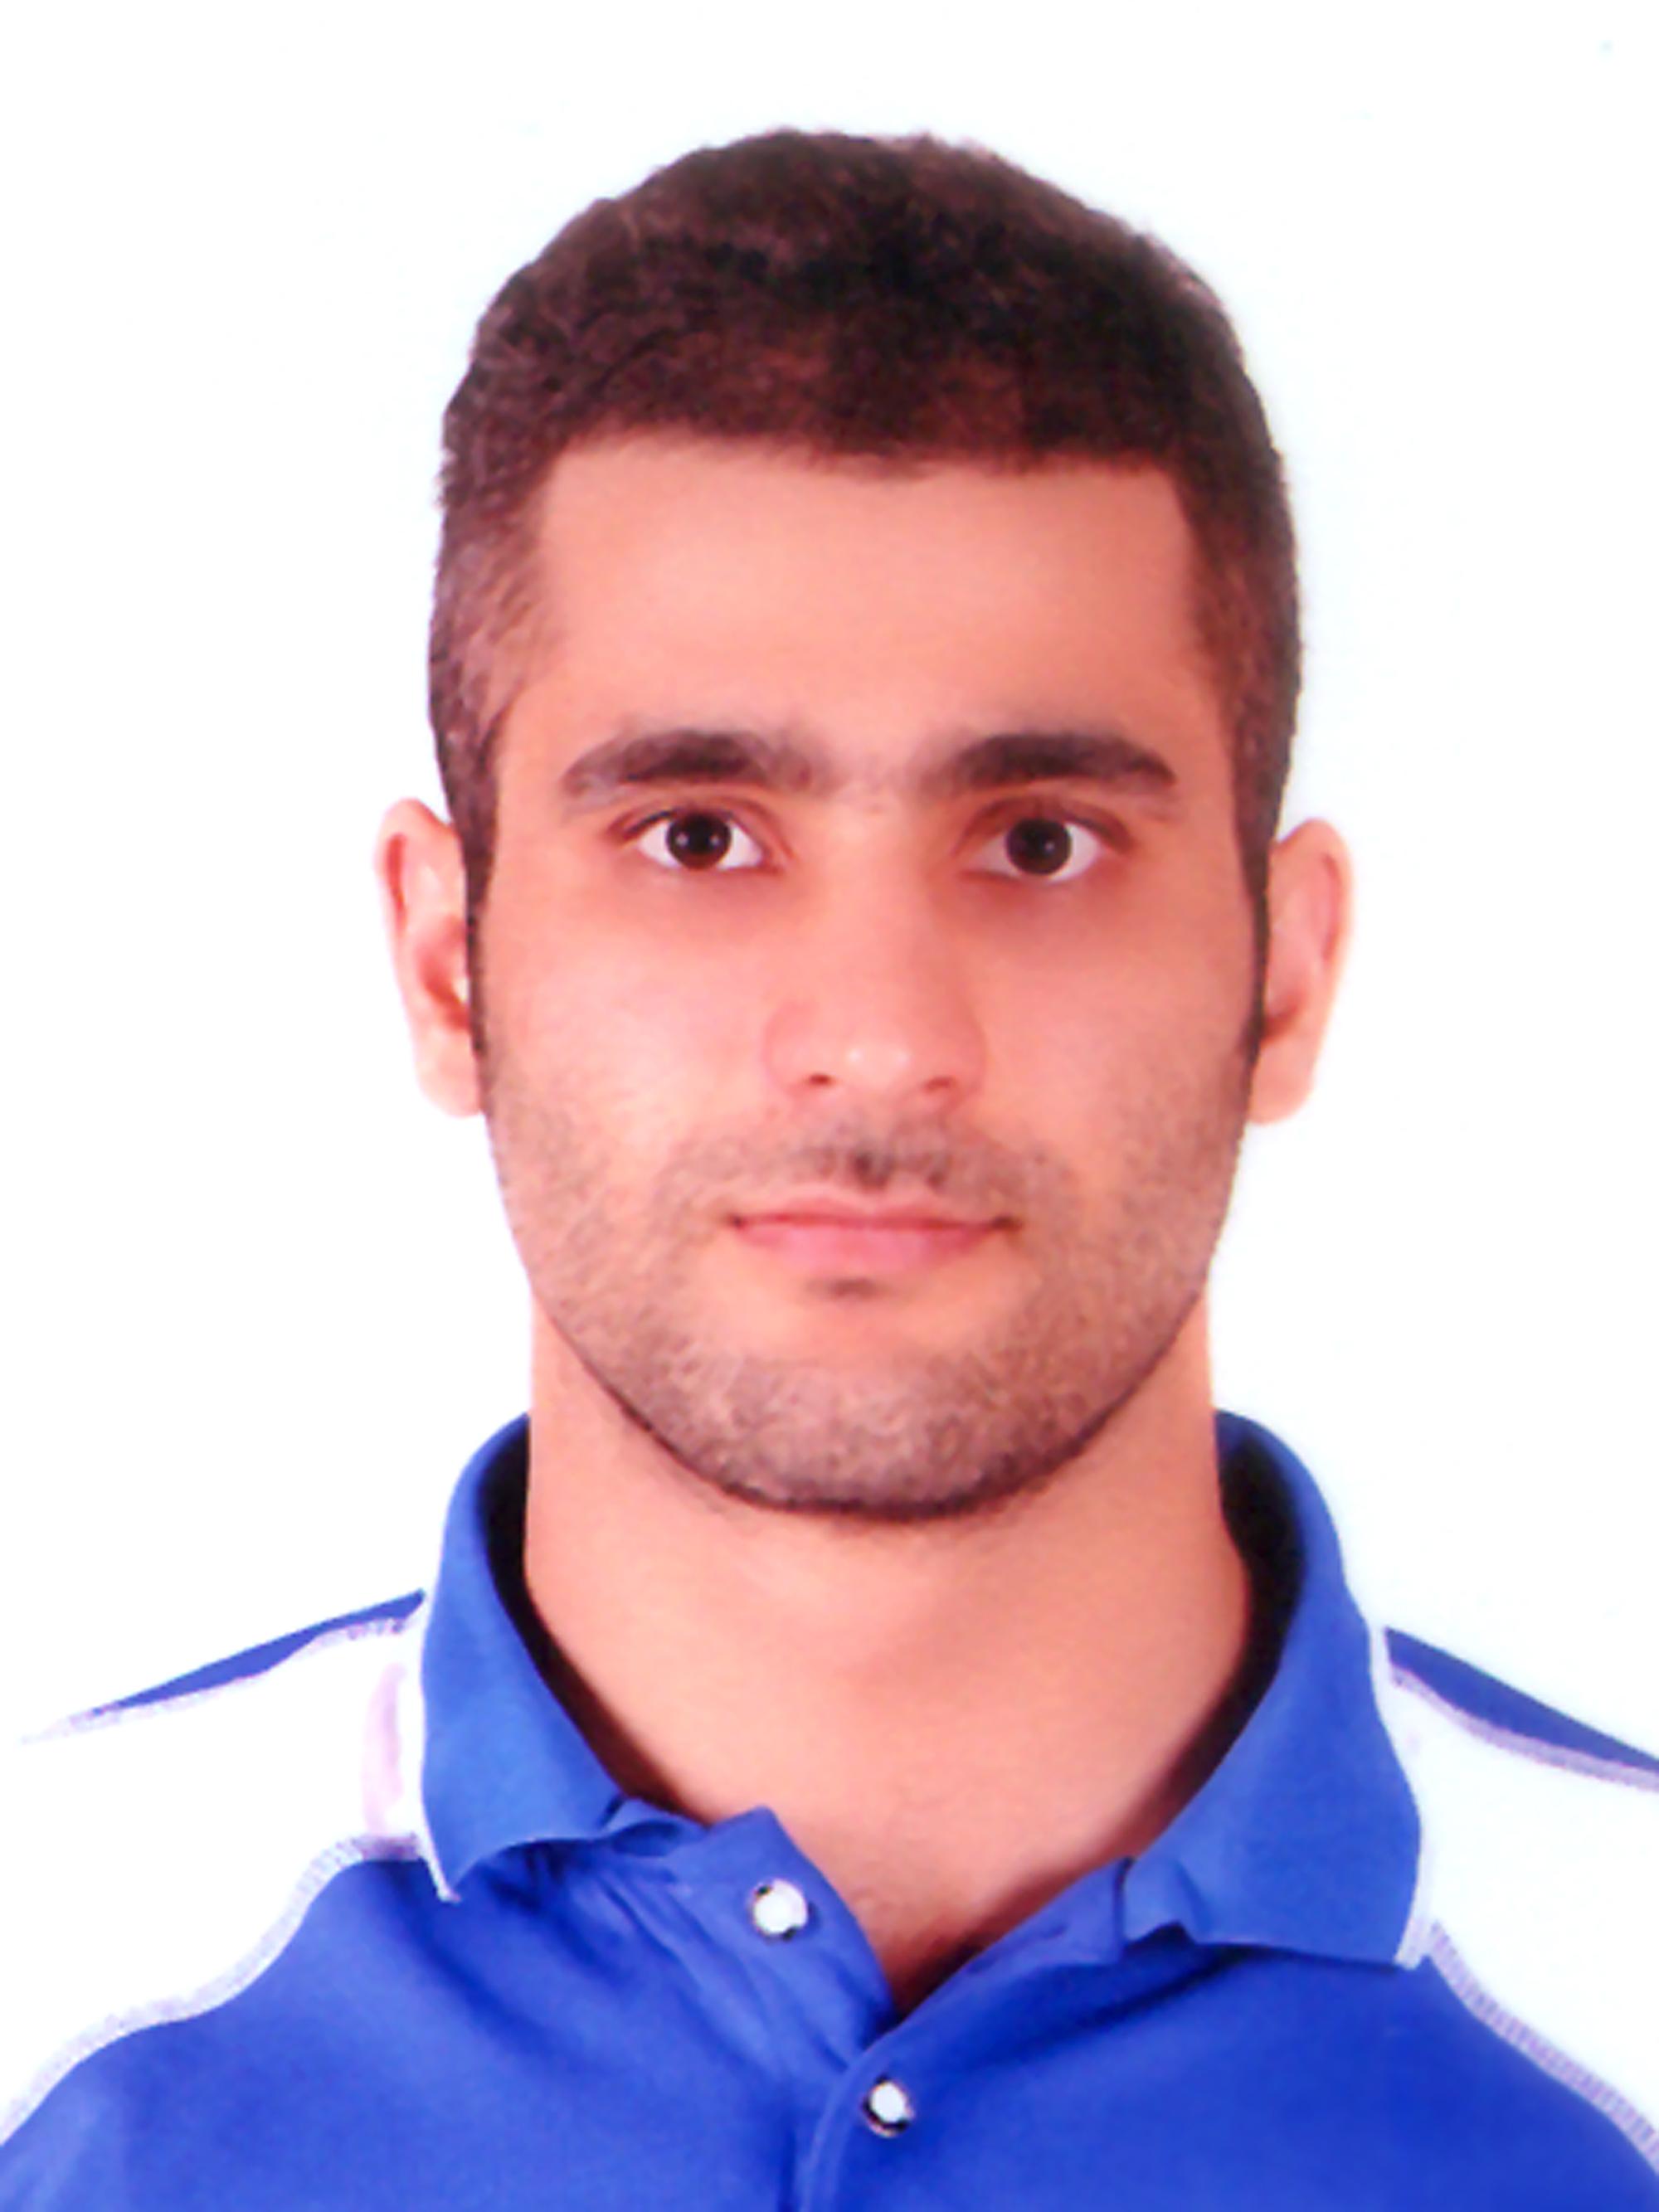 Mohammad Reza Hosseini Pouya